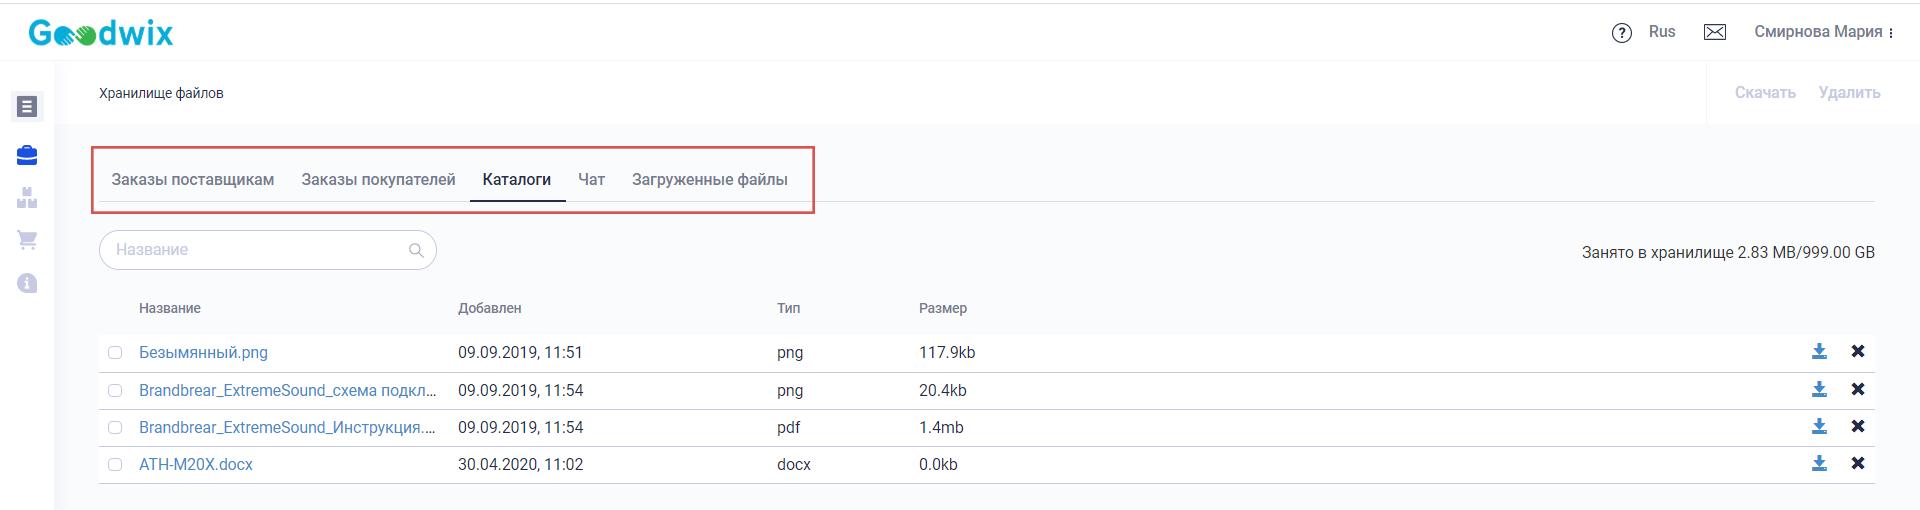 Хранилище файлов в сервисе Goodwix_blog